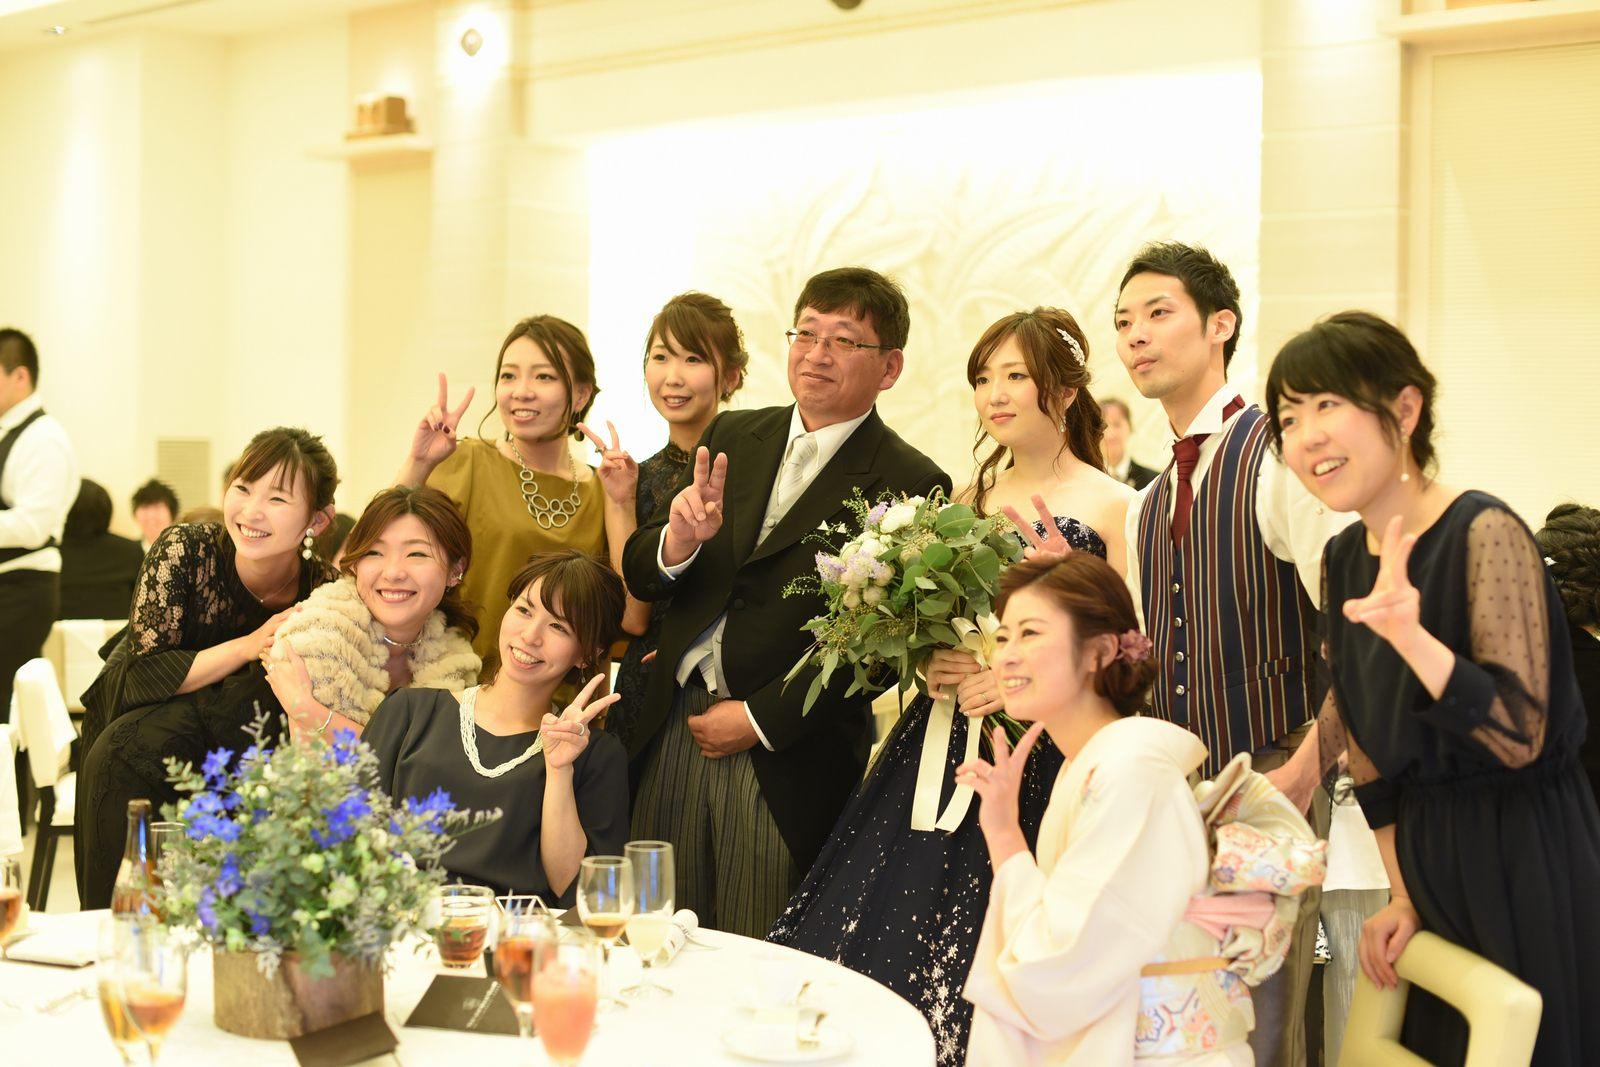 高松市の結婚式場アイルバレクラブでゲストと記念撮影